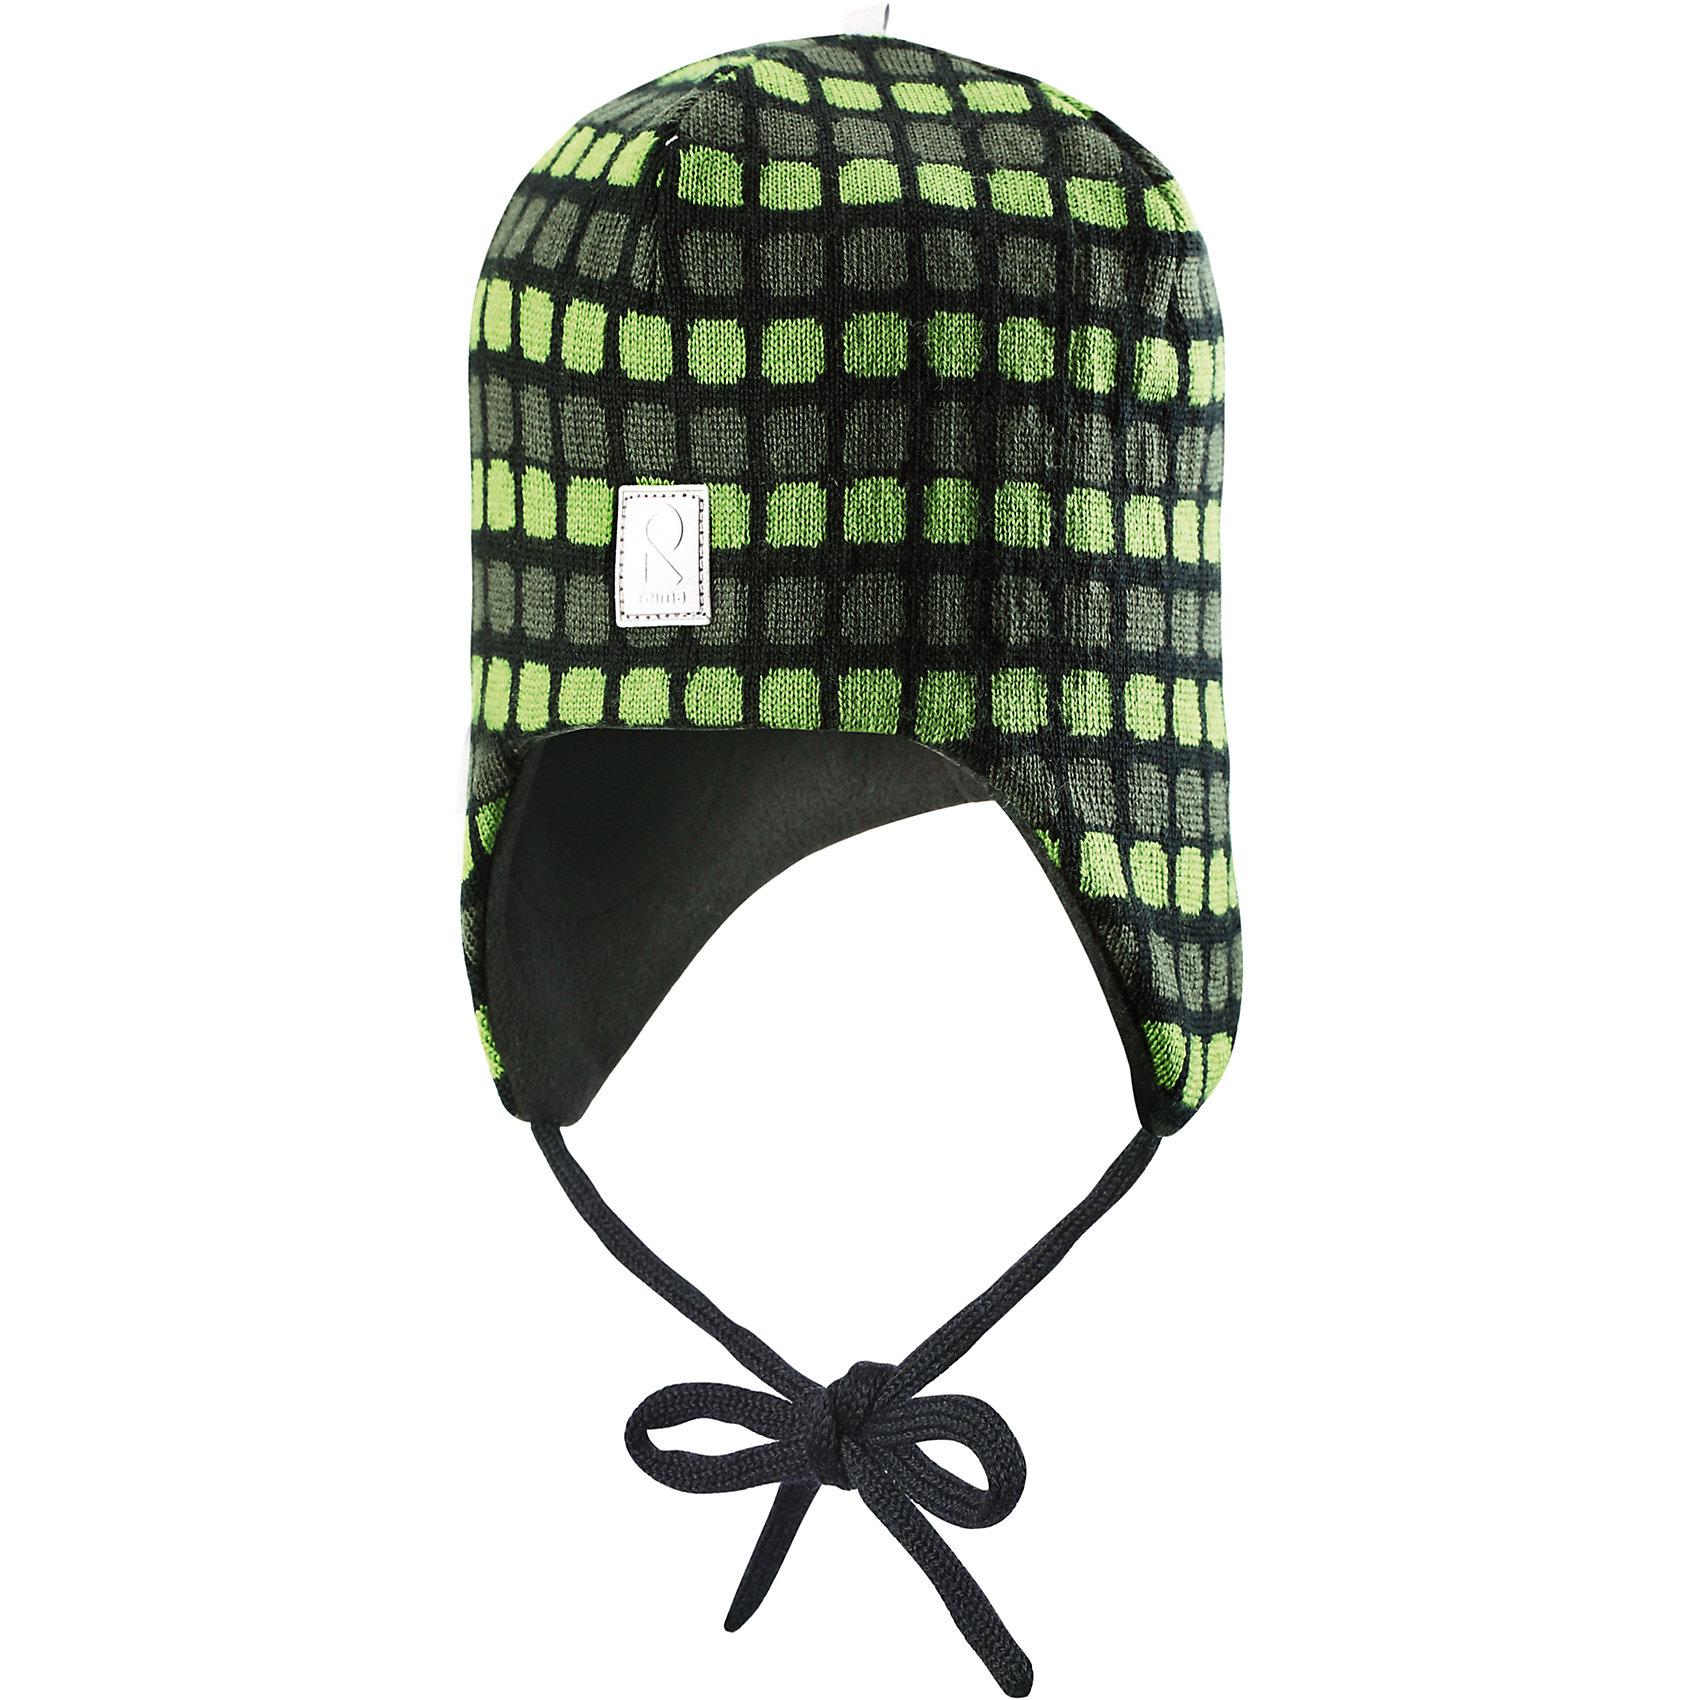 Шапка Innokas для мальчика ReimaШапки и шарфы<br>Шапка для мальчика Reima<br>Шапка «Бини» для малышей. Мягкая ткань из мериносовой шерсти для поддержания идеальной температуры тела. Теплая шерстяная вязка (волокно). Мягкий, теплый и приятный на ощупь трикотаж. Товар сертифицирован Oeko-Tex, класс 1, одежда для малышей. Ветронепроницаемые вставки в области ушей. Любые размеры. Мягкая подкладка из хлопка и эластана. Жаккардовый вязаный узор по всей поверхности. Декоративные элементы сверху. Интересная структура поверхности. Светоотражающий элемент спереди.<br>Уход:<br>Стирать по отдельности, вывернув наизнанку. Придать первоначальную форму вo влажном виде. Возможна усадка 5 %.<br>Состав:<br>100% Шерсть<br><br>Ширина мм: 89<br>Глубина мм: 117<br>Высота мм: 44<br>Вес г: 155<br>Цвет: зеленый<br>Возраст от месяцев: 6<br>Возраст до месяцев: 9<br>Пол: Мужской<br>Возраст: Детский<br>Размер: 46,52,50,48<br>SKU: 4777182